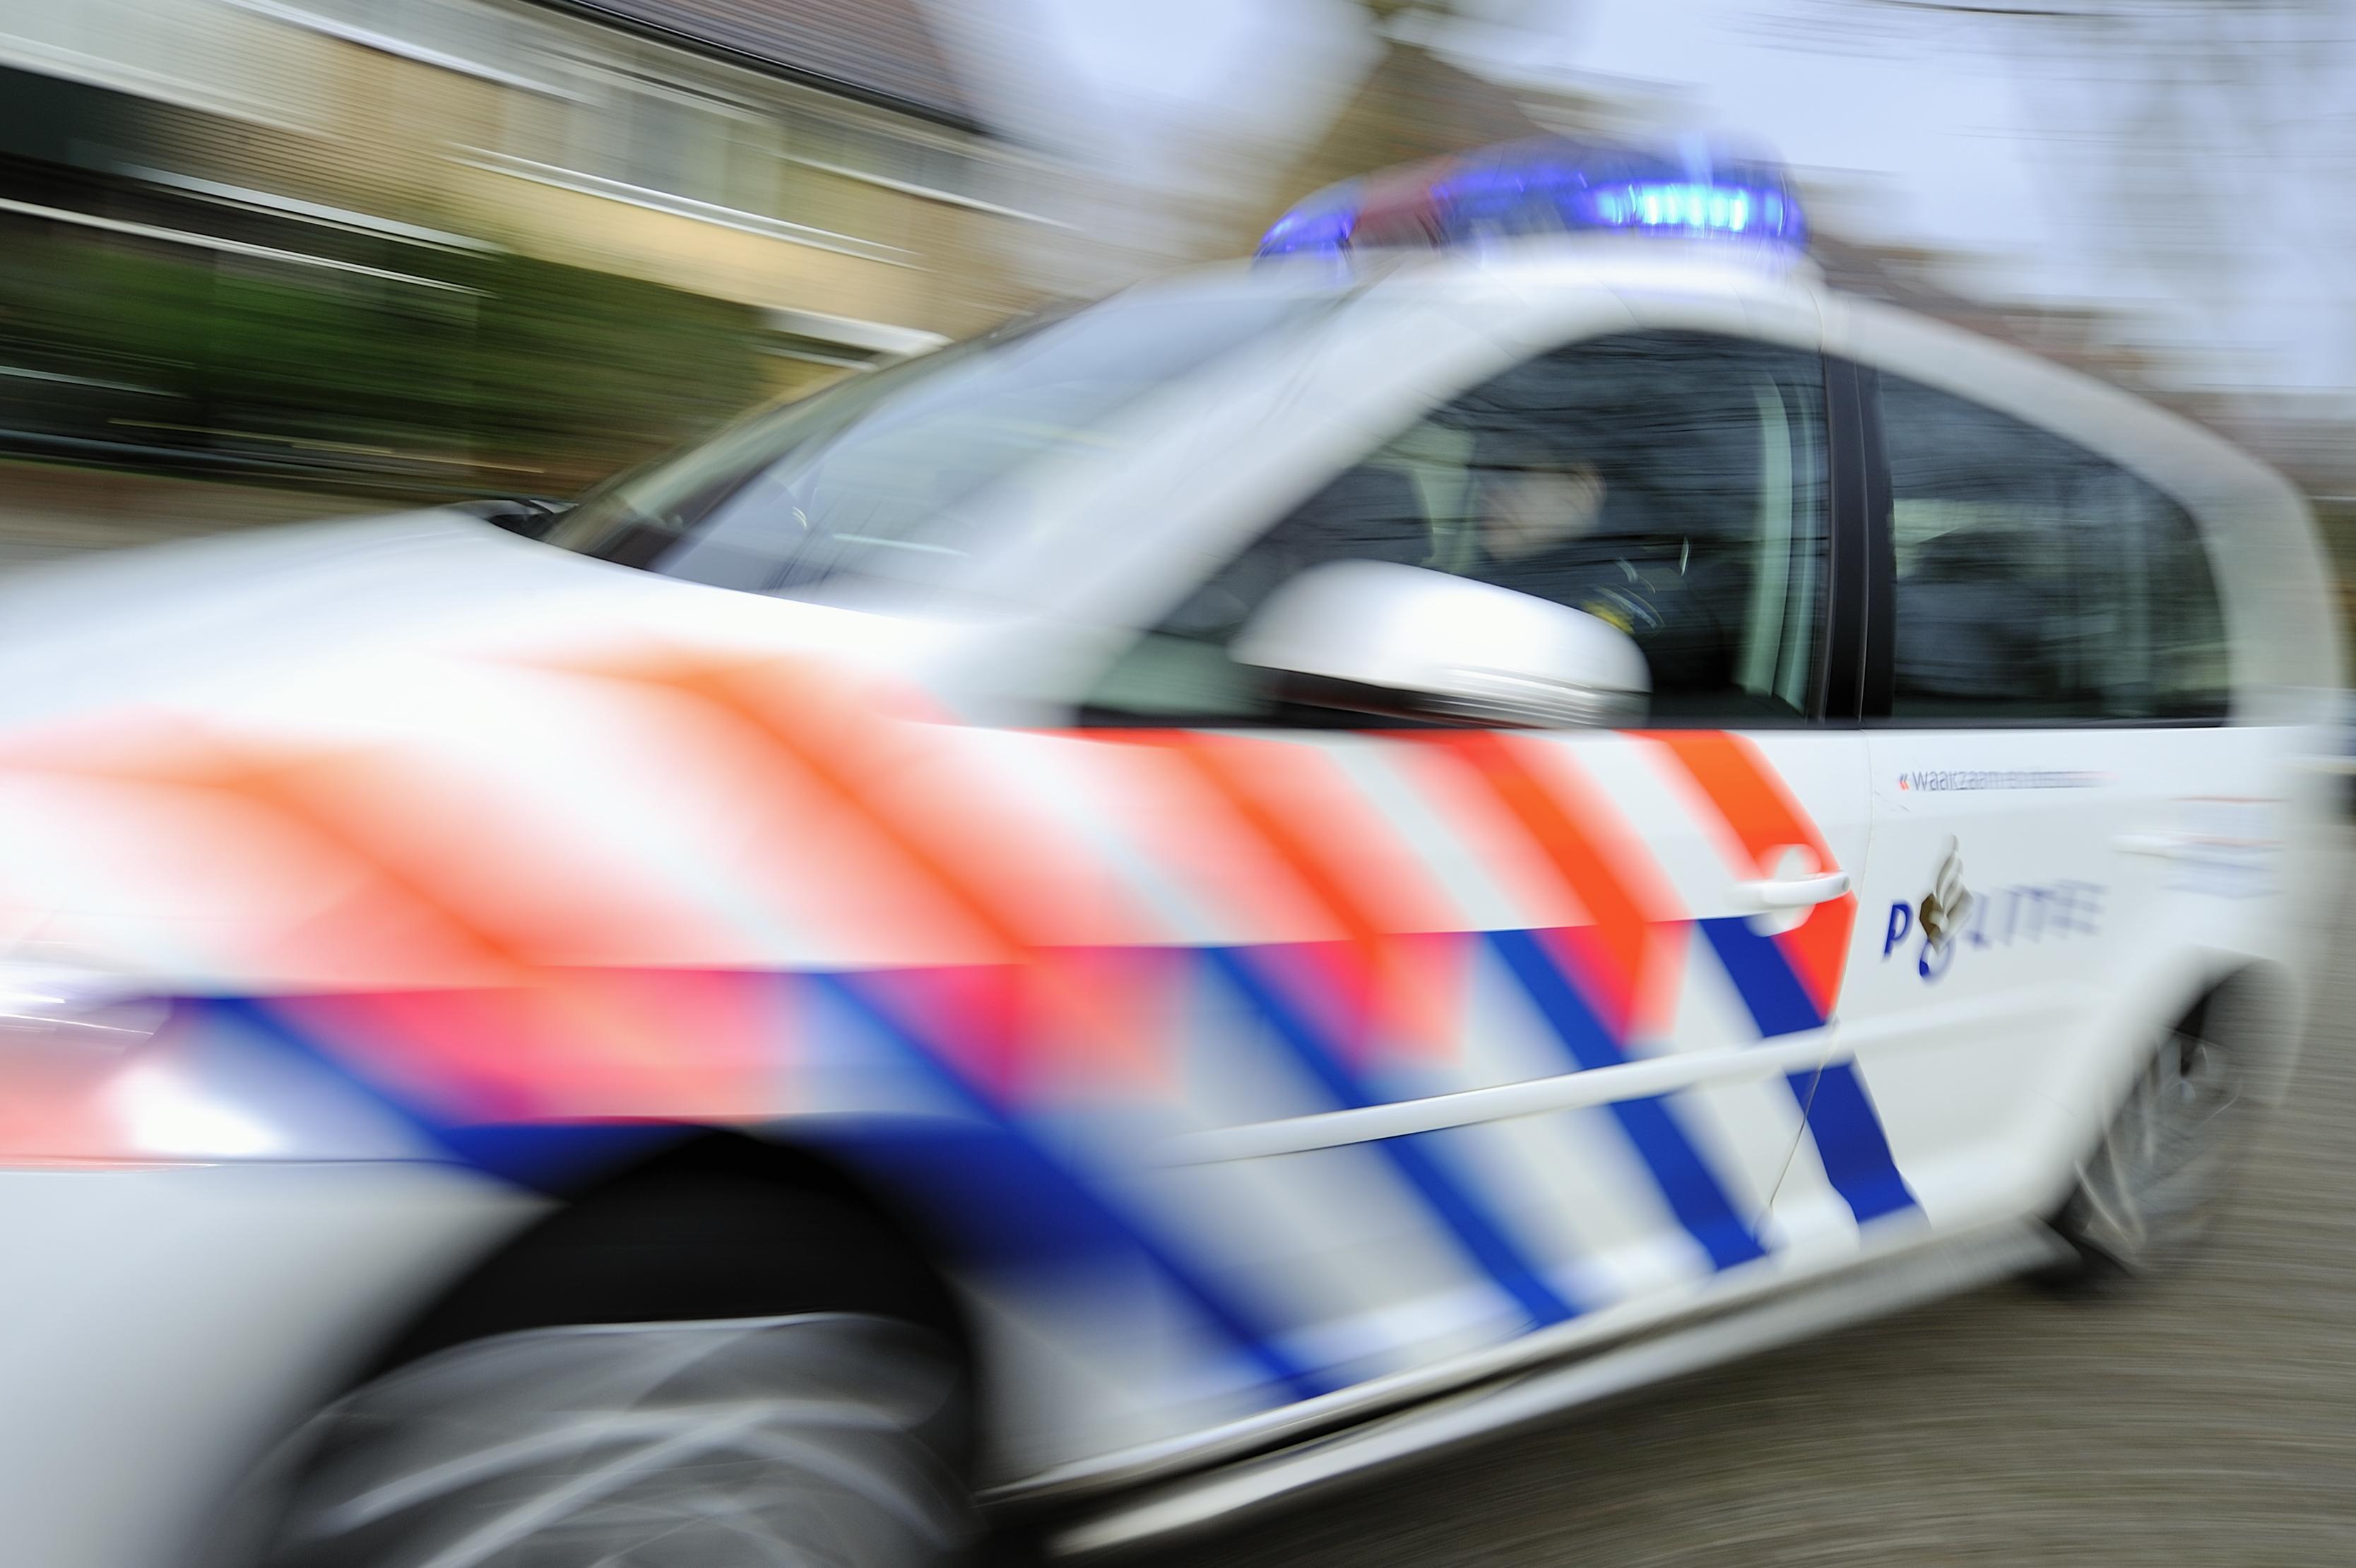 Getuigen gezocht gewelddadige poging beroving op pizzakoerier in Haarlem